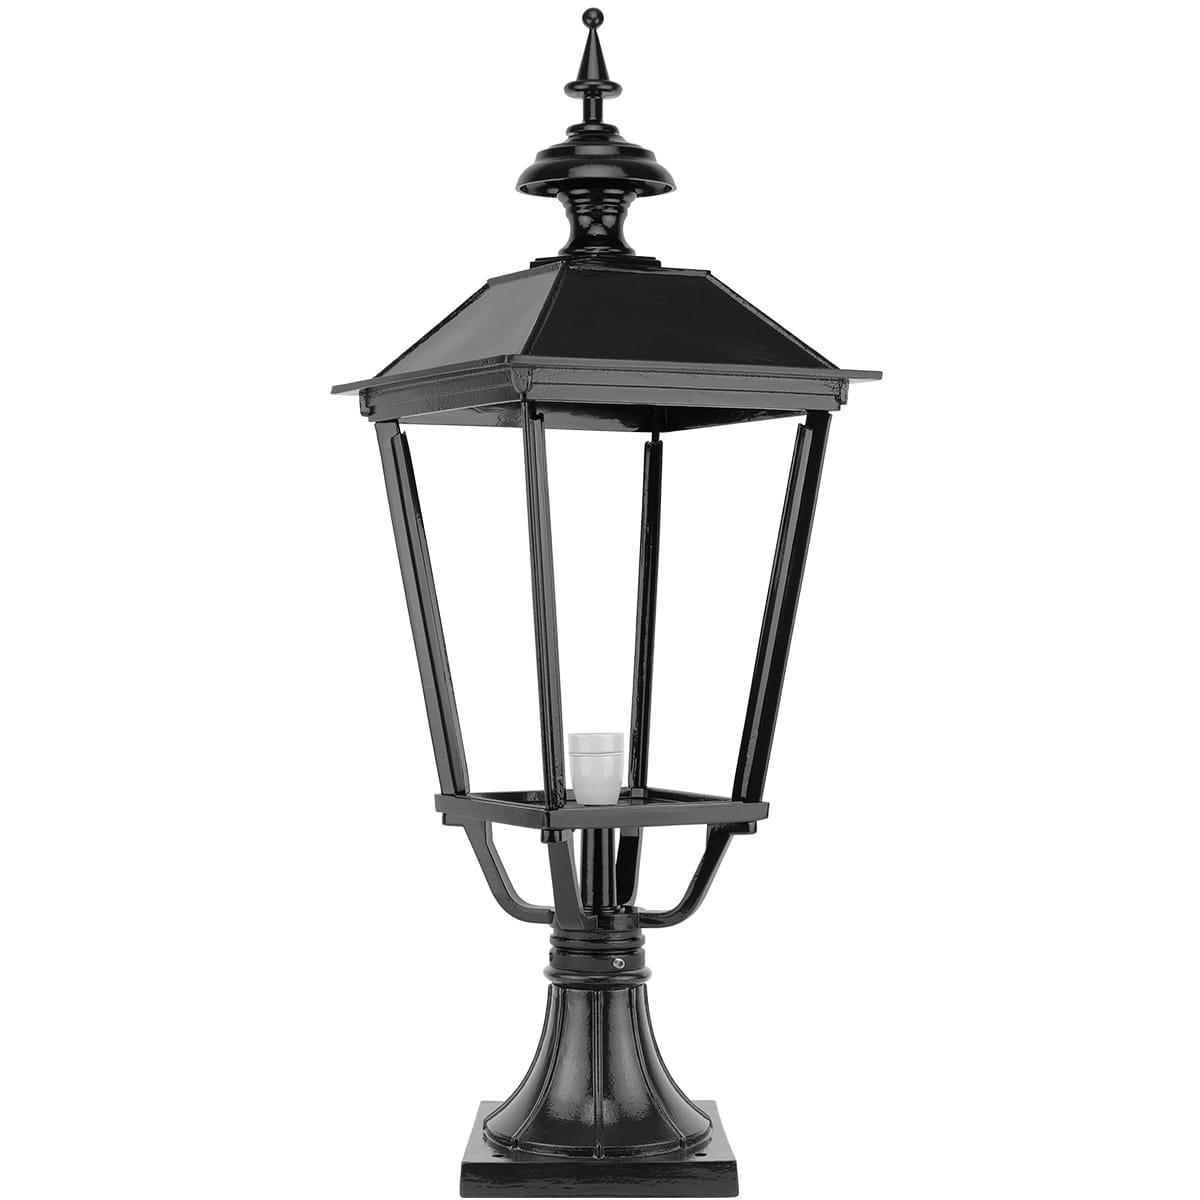 Outdoor Lighting Classic Rural Outdoor lamp big Blerick - 101 cm